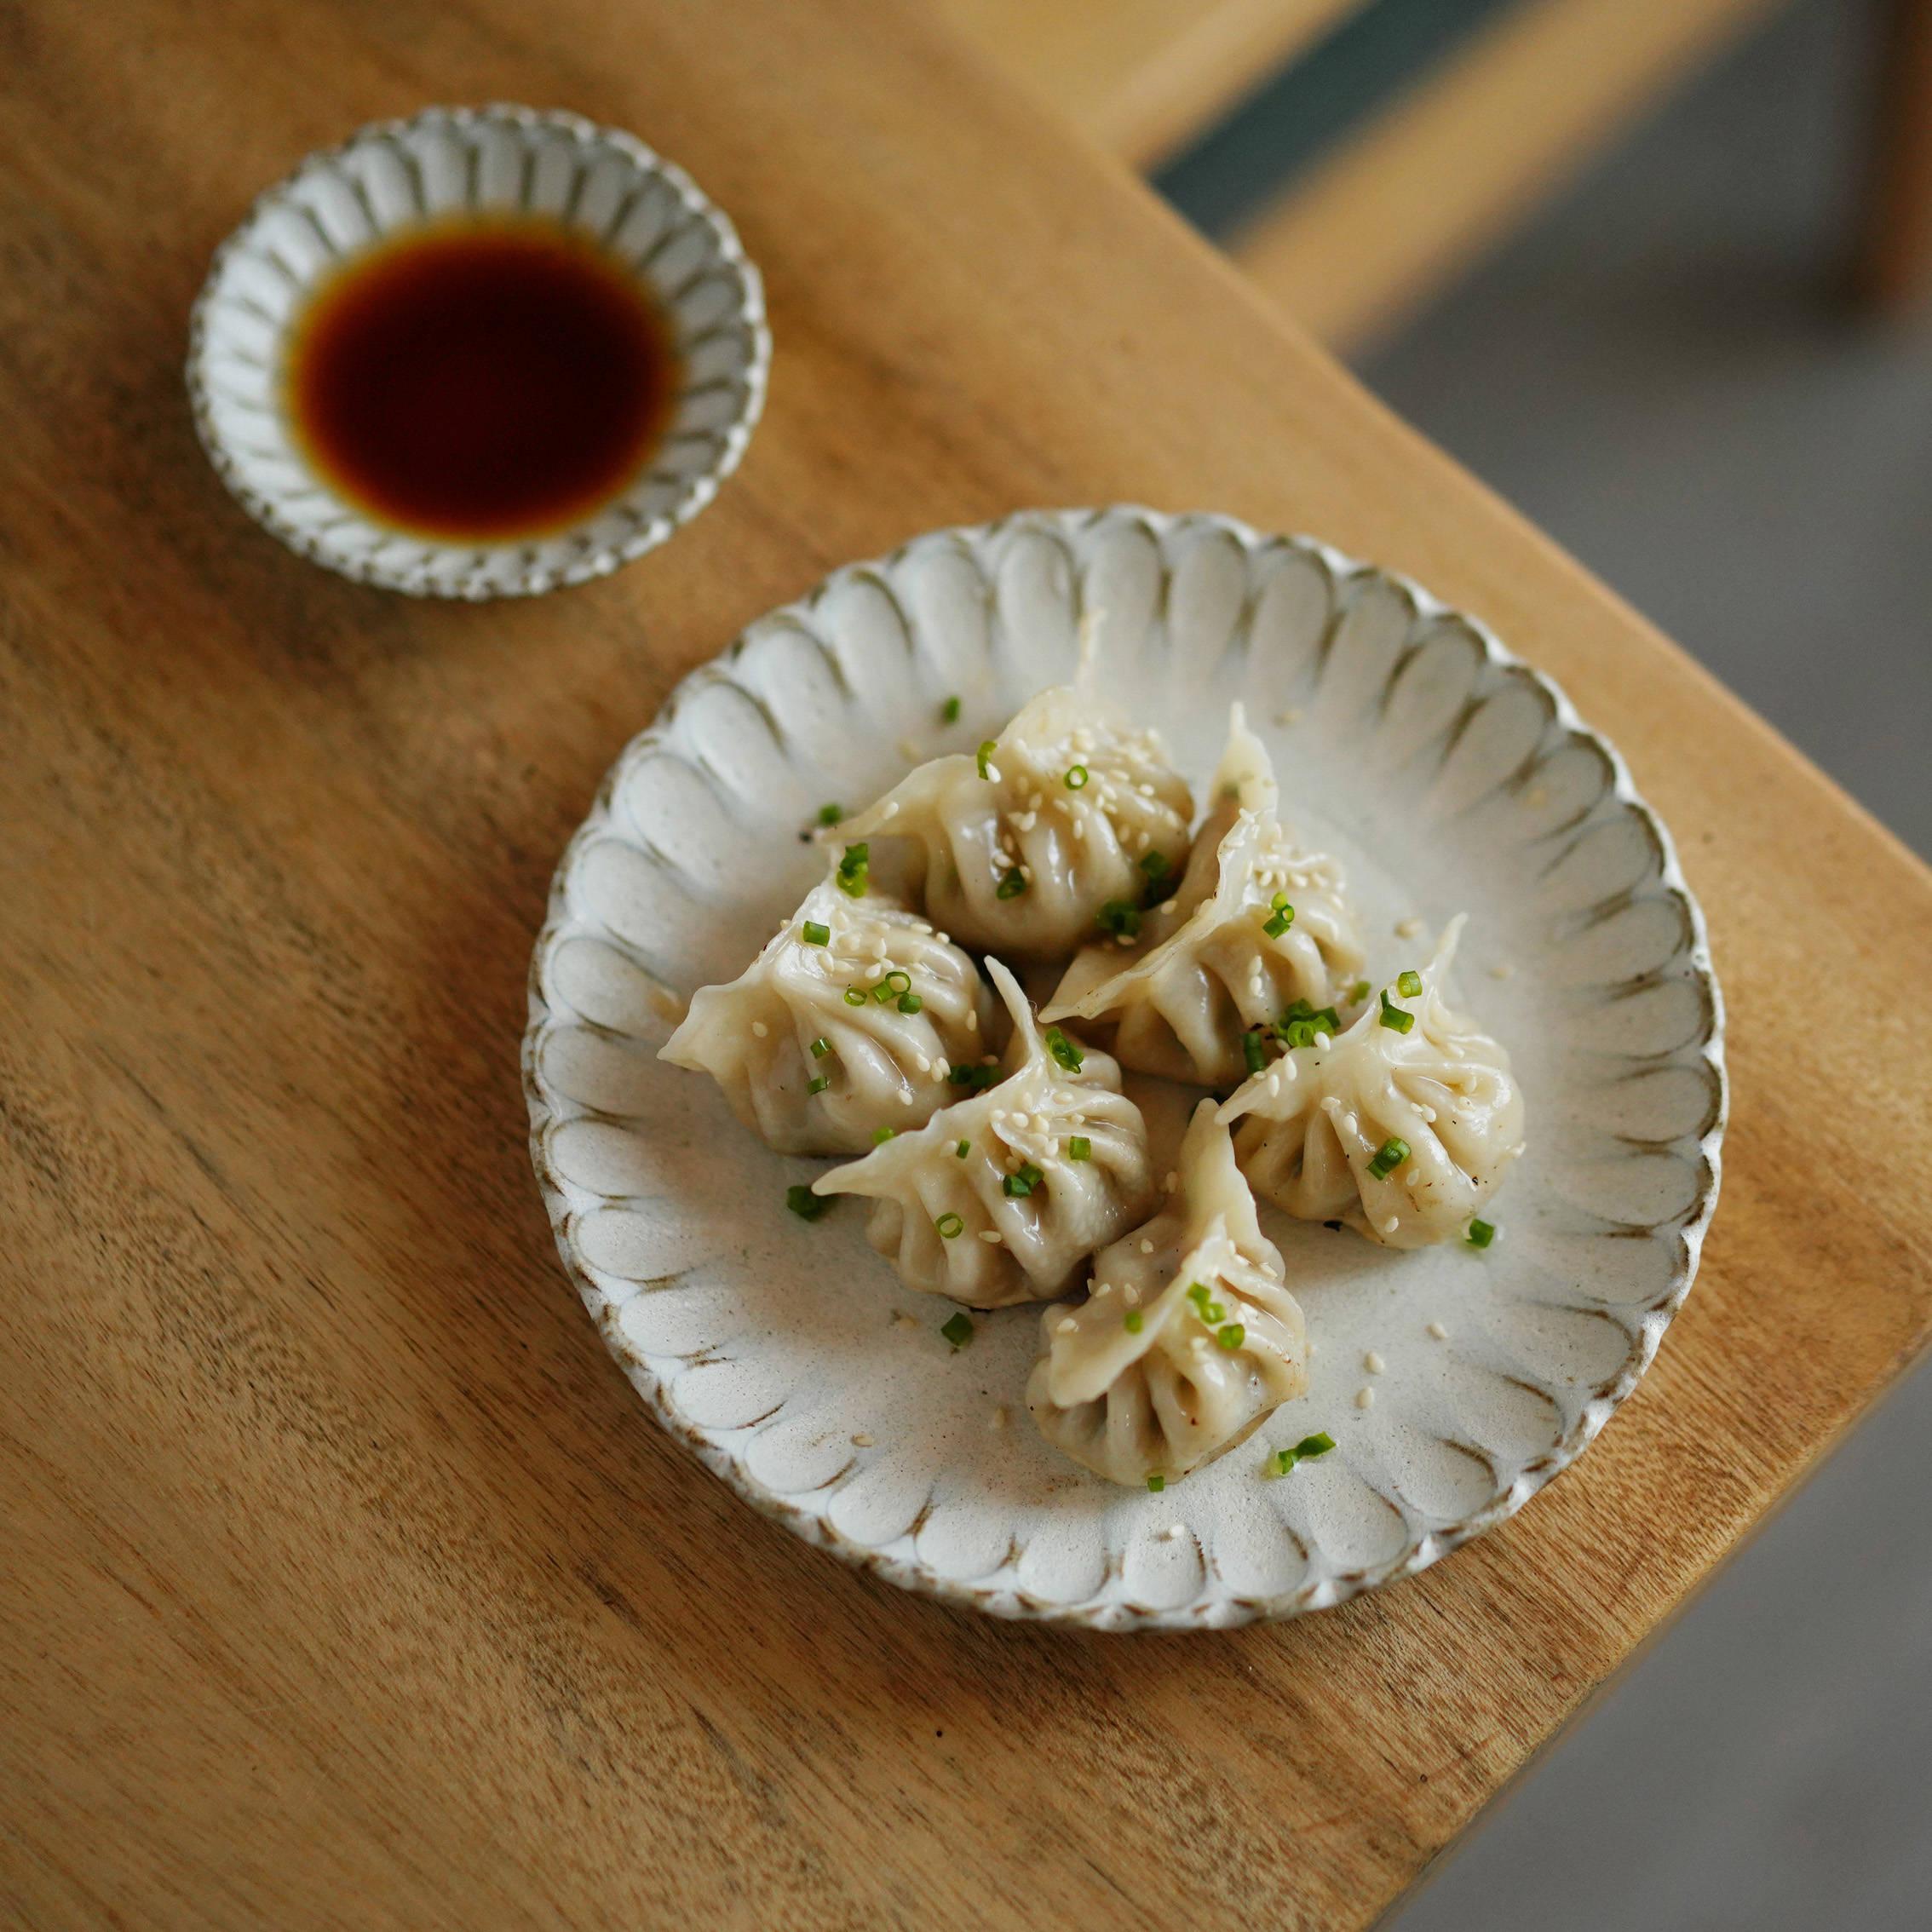 純粋な手作りの新型の純色の中国式の粗い陶菊の花弁の造型の器につけて材料の小皿のお菓子の皿の青い塵と夢をつけます。